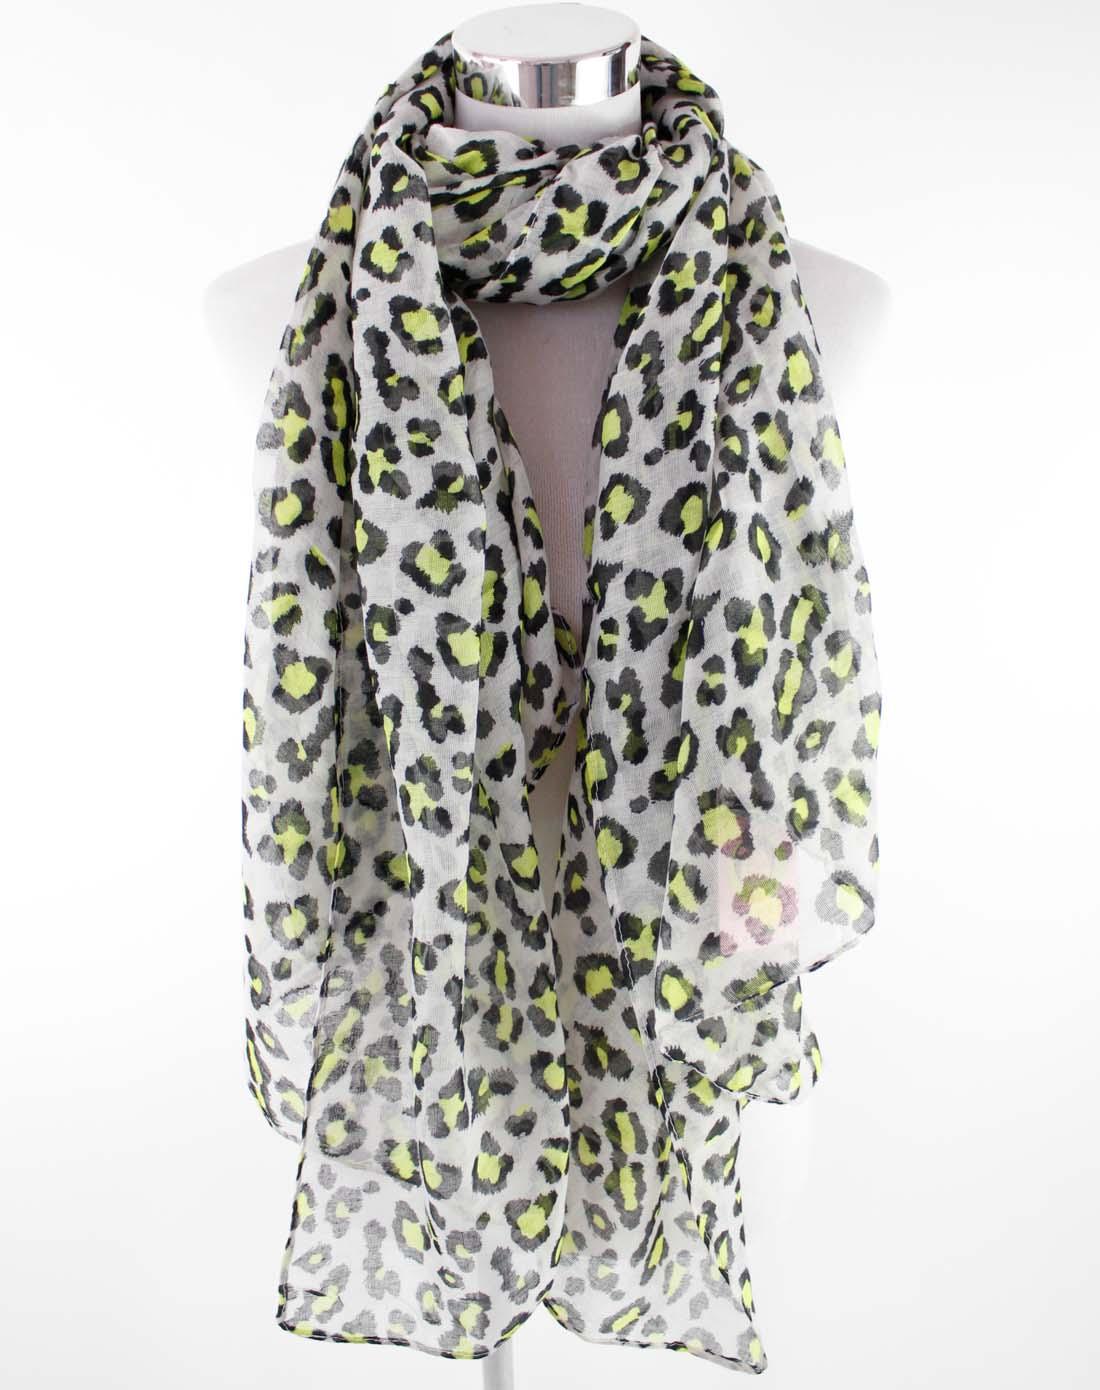 嬷嬷茶女孩围巾专场白色底黑绿色豹纹粘胶人造丝围巾